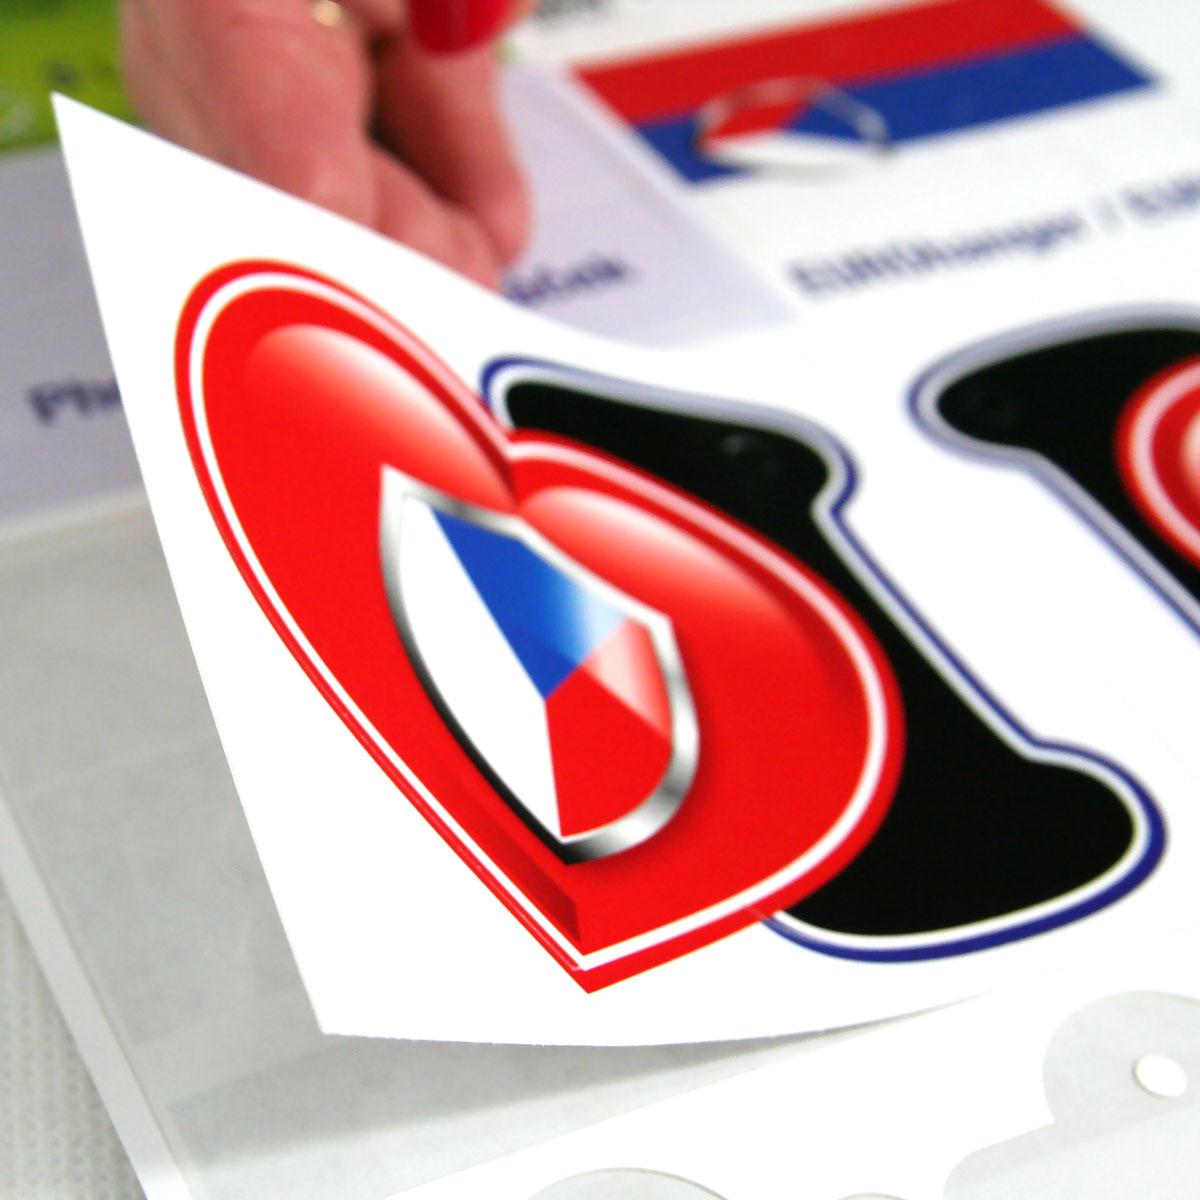 Fotograficzny papier samoprzylepny A4 z połyskiem do drukarek laserowych - 10 arkuszy